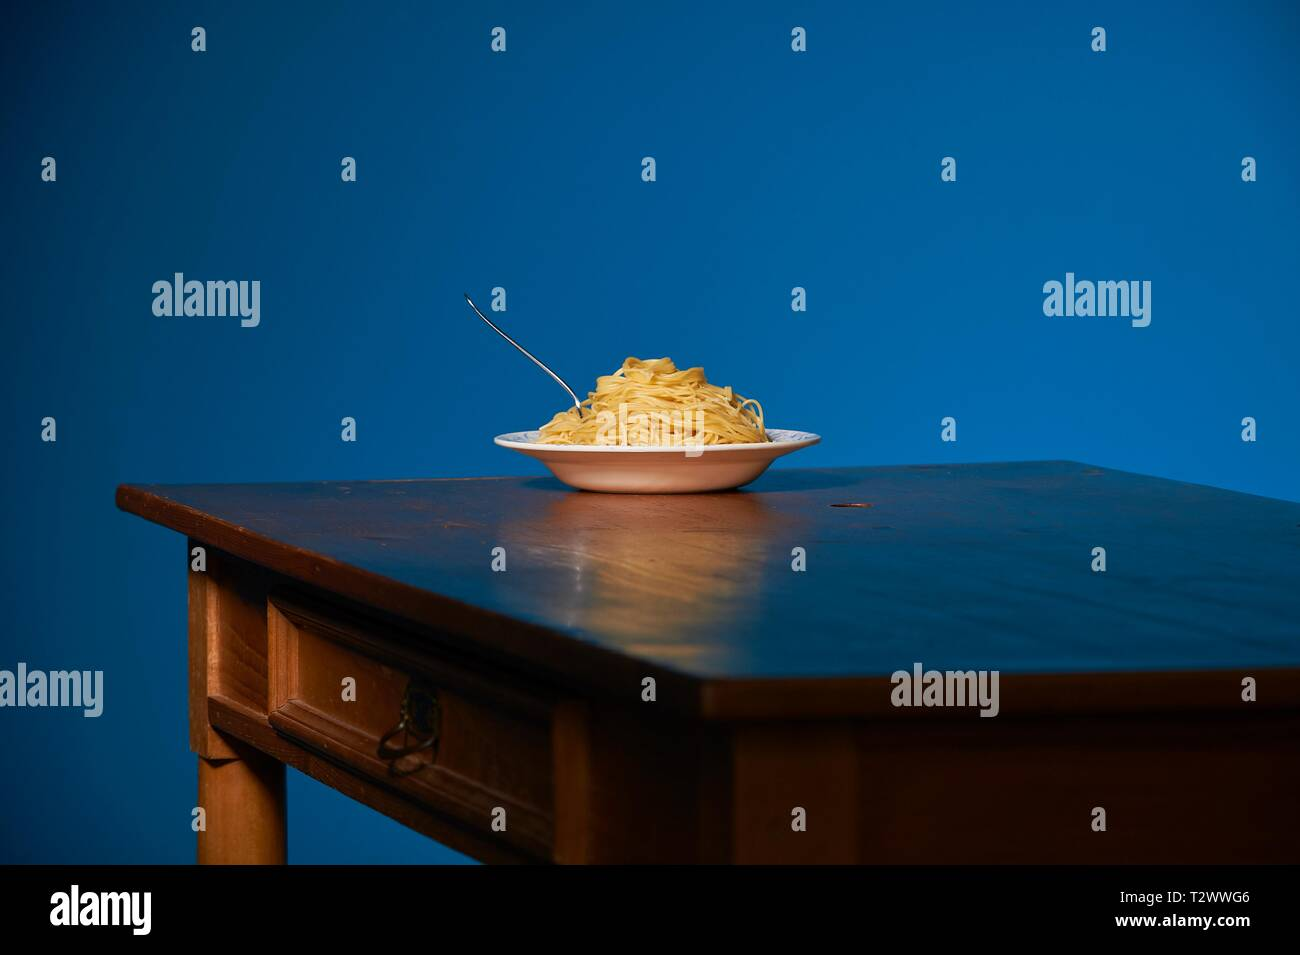 Eine Portion Spaghetti steht auf einenem Holztisch vor einer petrol farbenen Wand - Stock Image